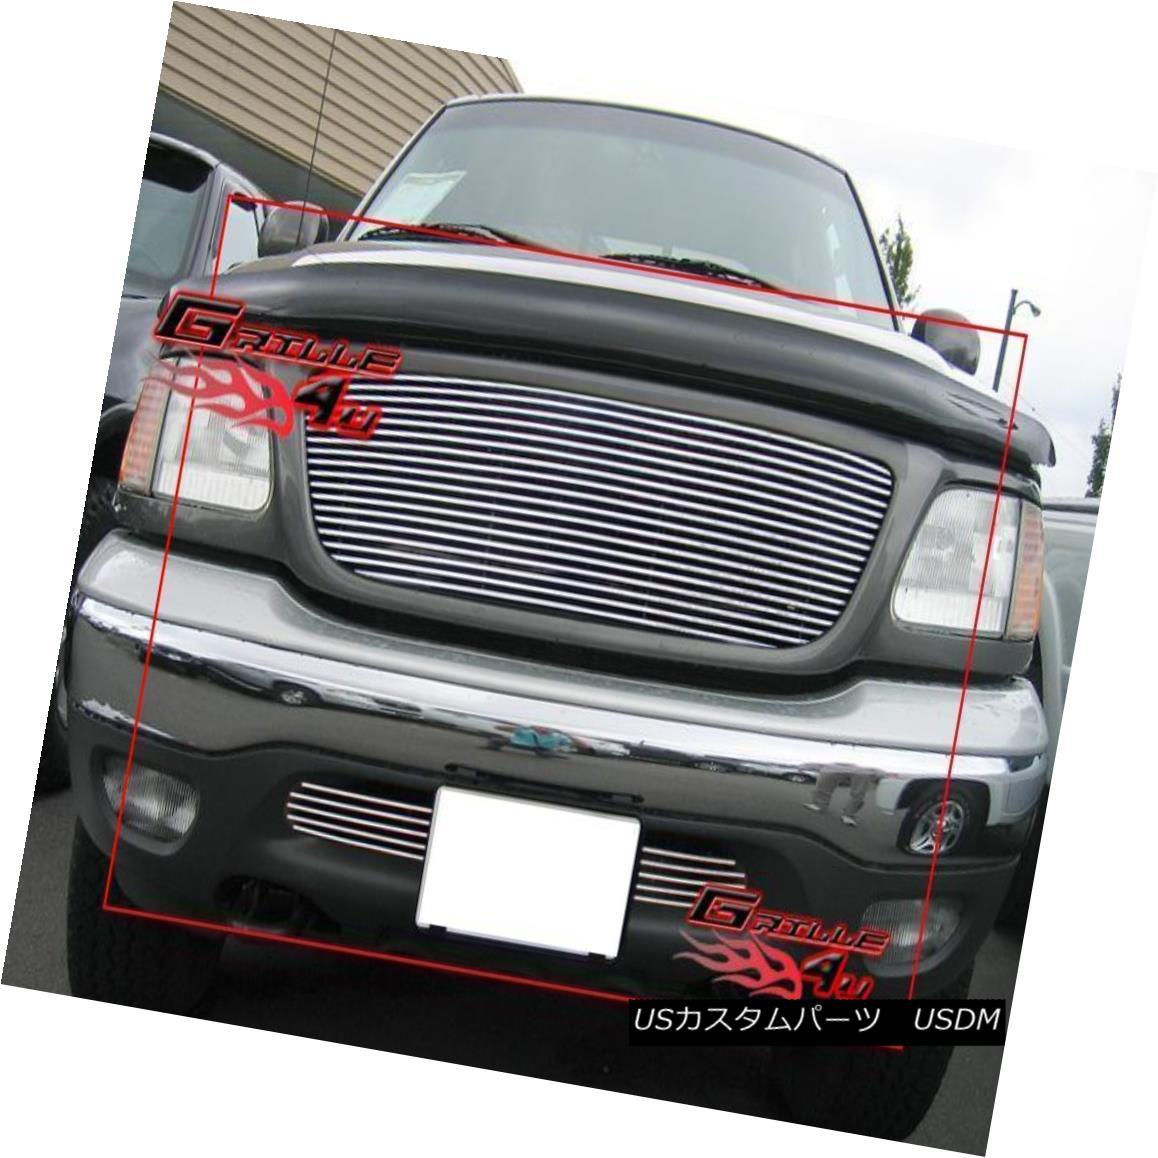 グリル Fits 1999-2003 Ford F-150 F150 4WD Billet Grille Combo フィット1999-2003フォードF - 150 F150 4WDビレットグリルコンボ, 中原町 f195fd56